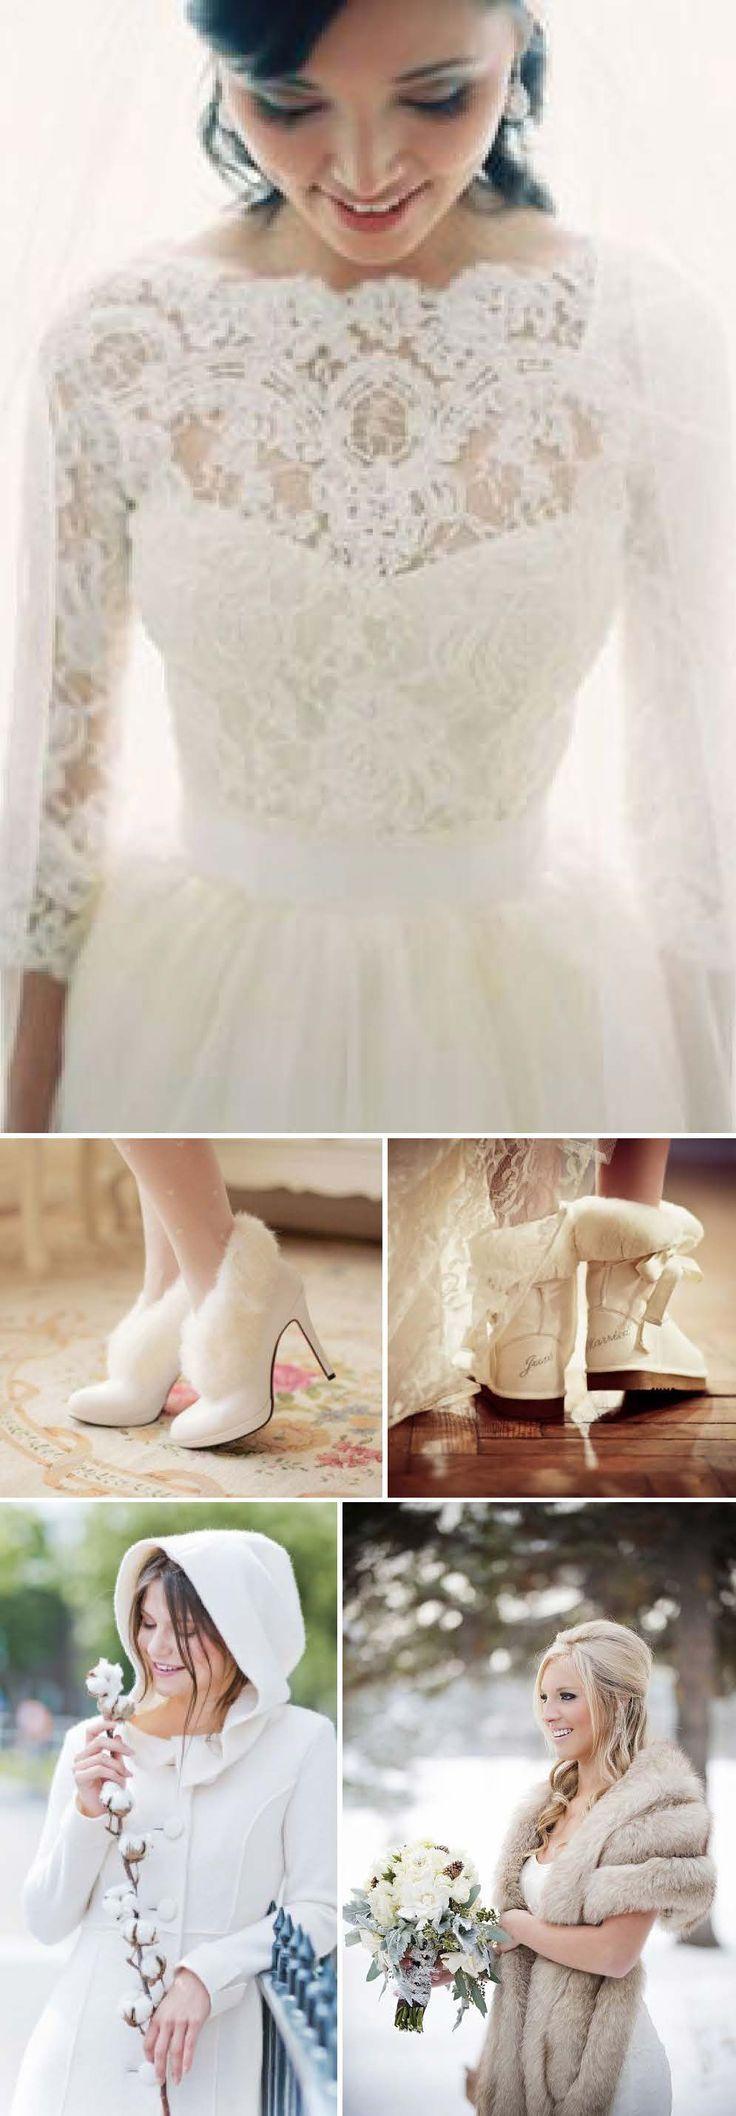 liebelein-will, Hochzeitsblog - Blog, Hochzeit, Winterhochzeit 3